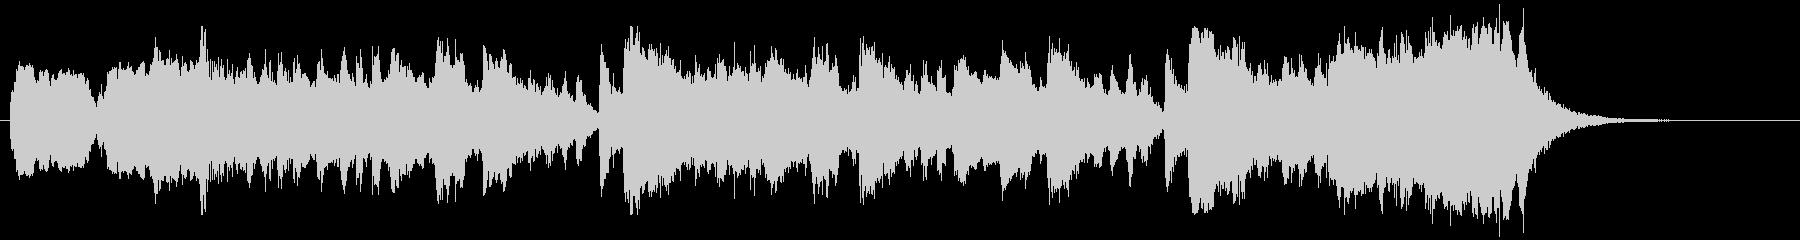 吹奏楽の和風で壮大な30秒ファンファーレの未再生の波形